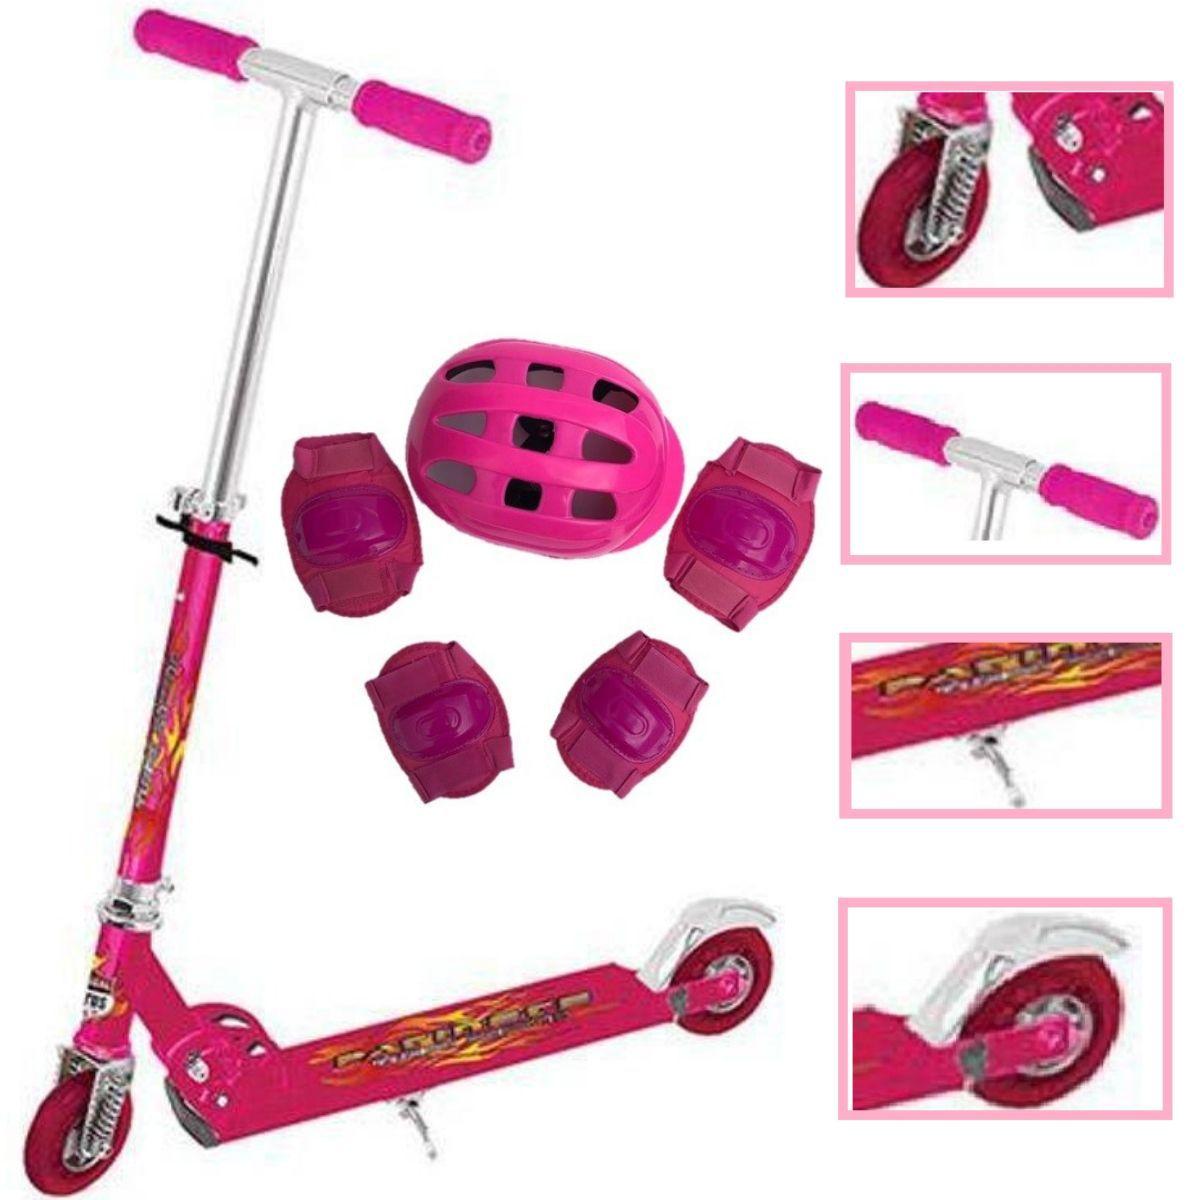 Kit Patinete Infantil Alumínio Rosa Com Amortecedor Freio E Kit Proteção Rosa Para Meninas - TR-1018 + Cp02 Rosa